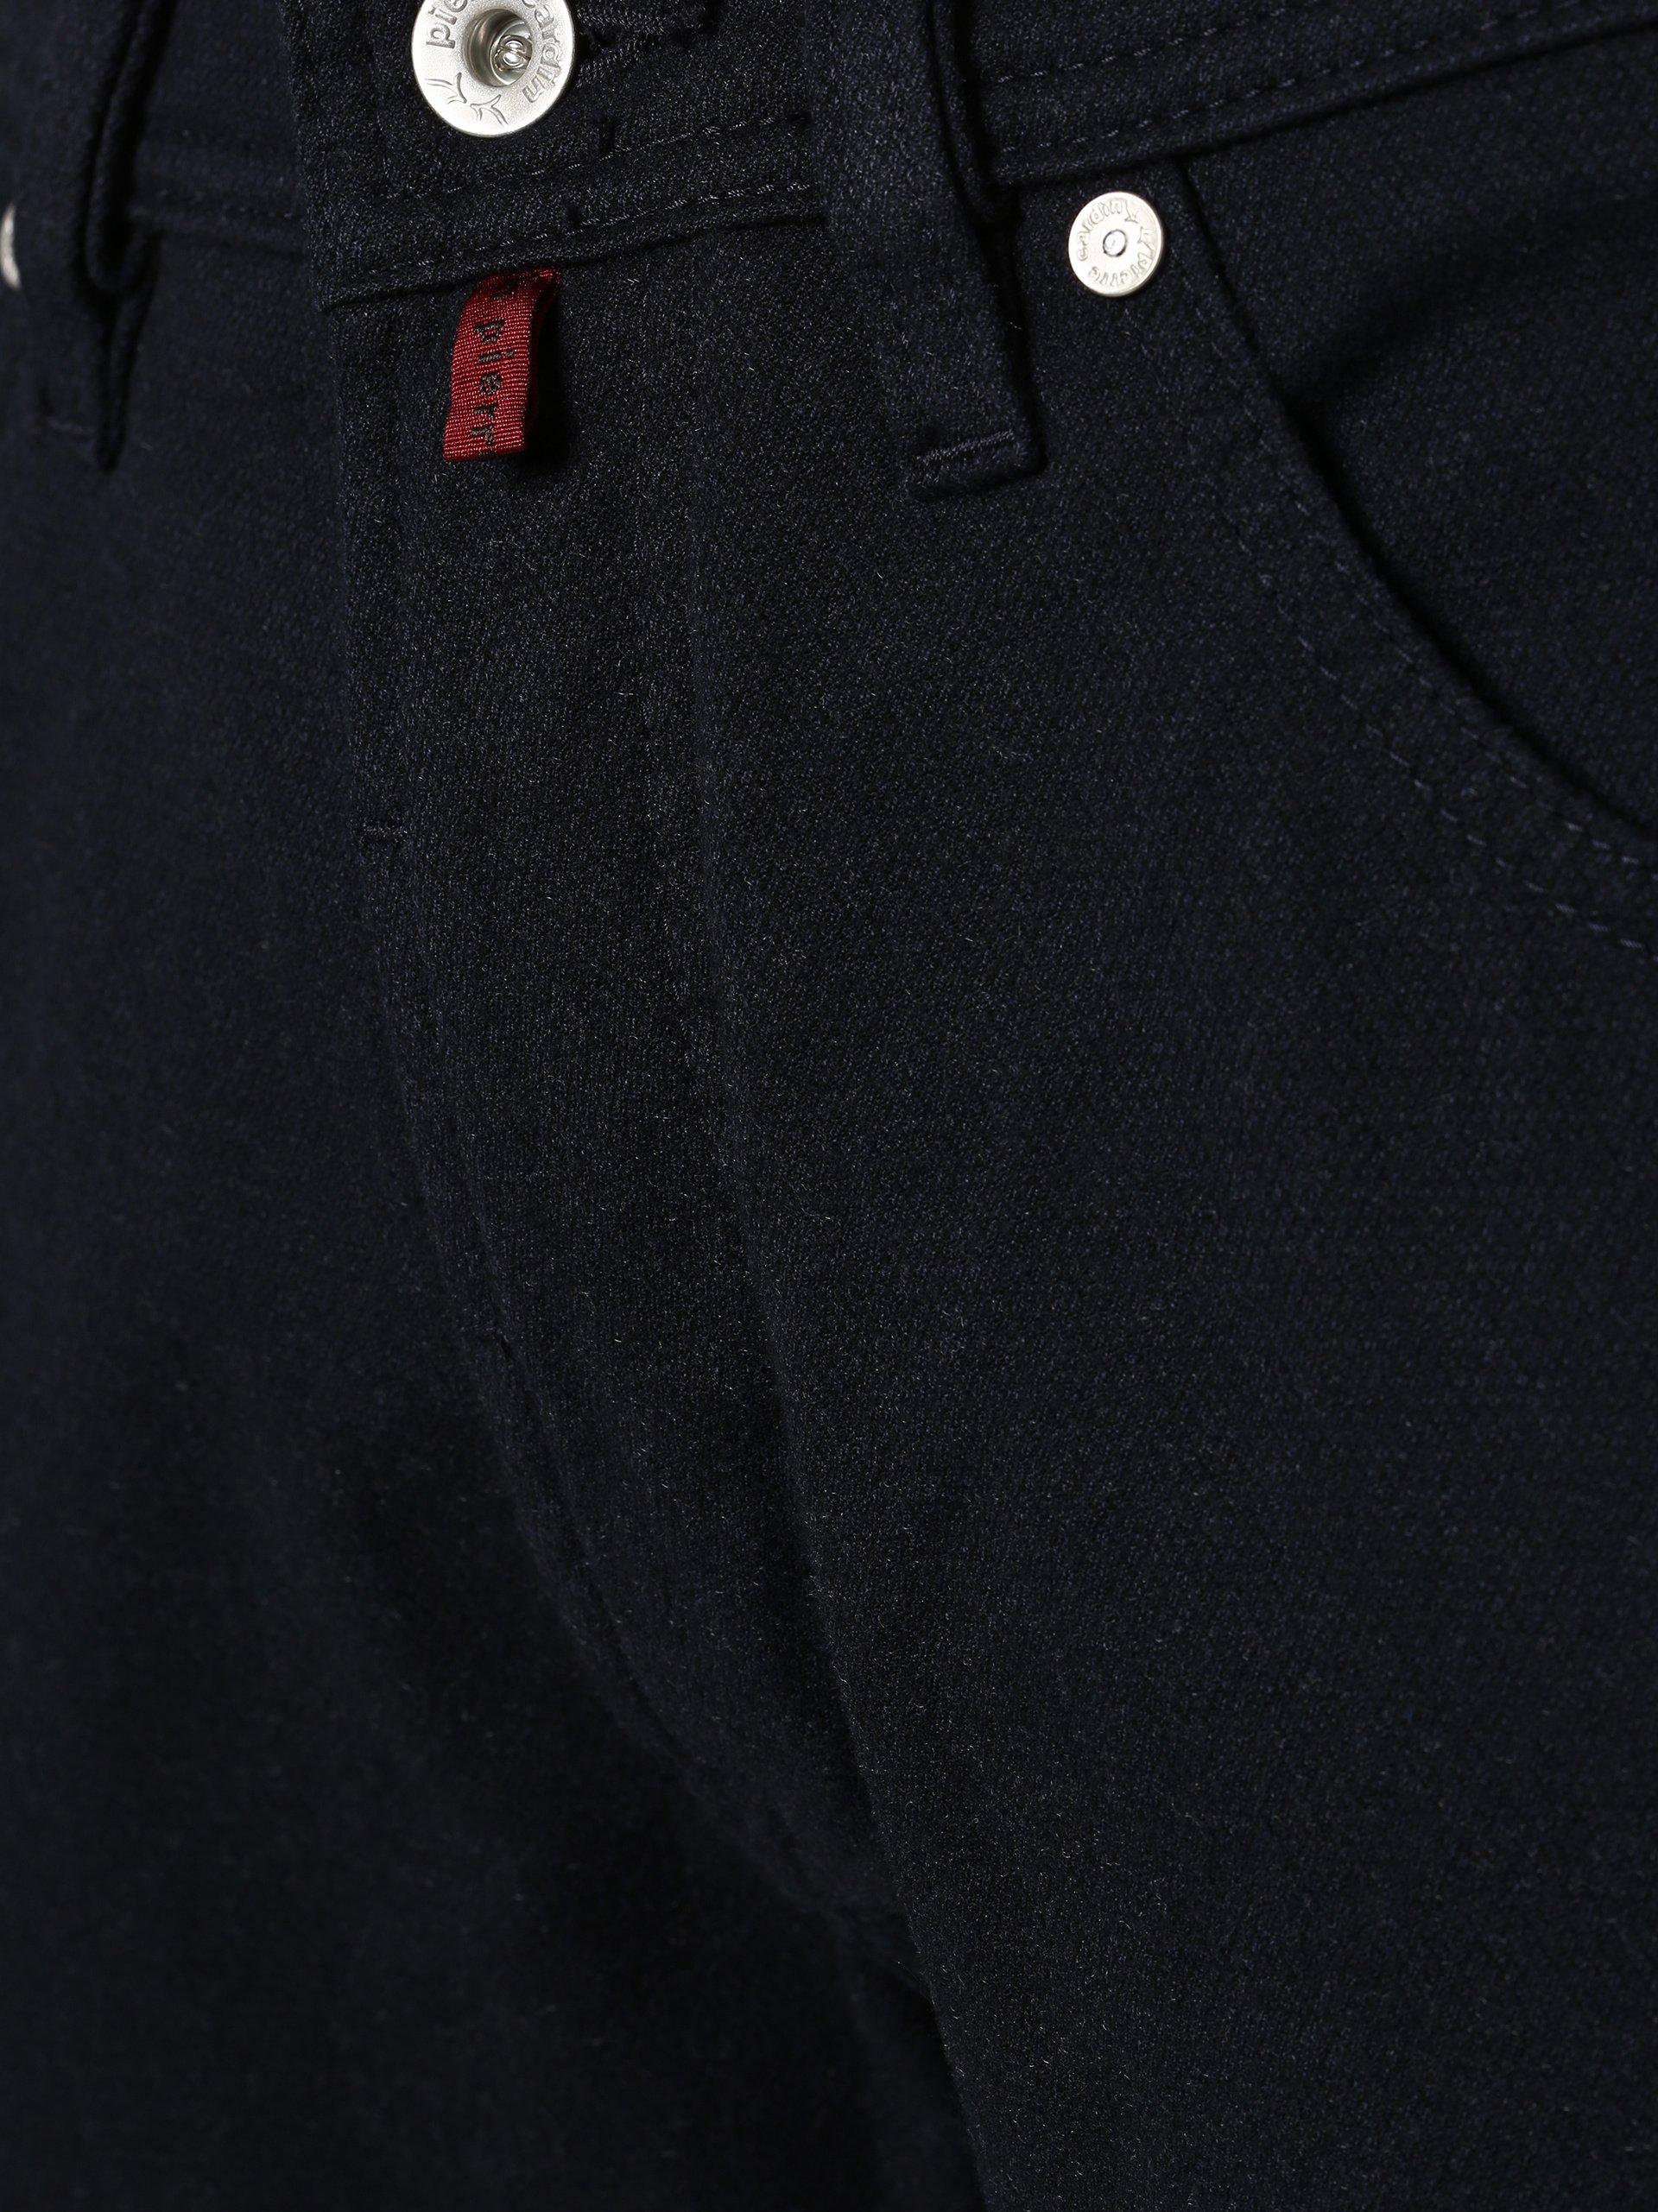 Pierre Cardin Spodnie męskie – Deauville